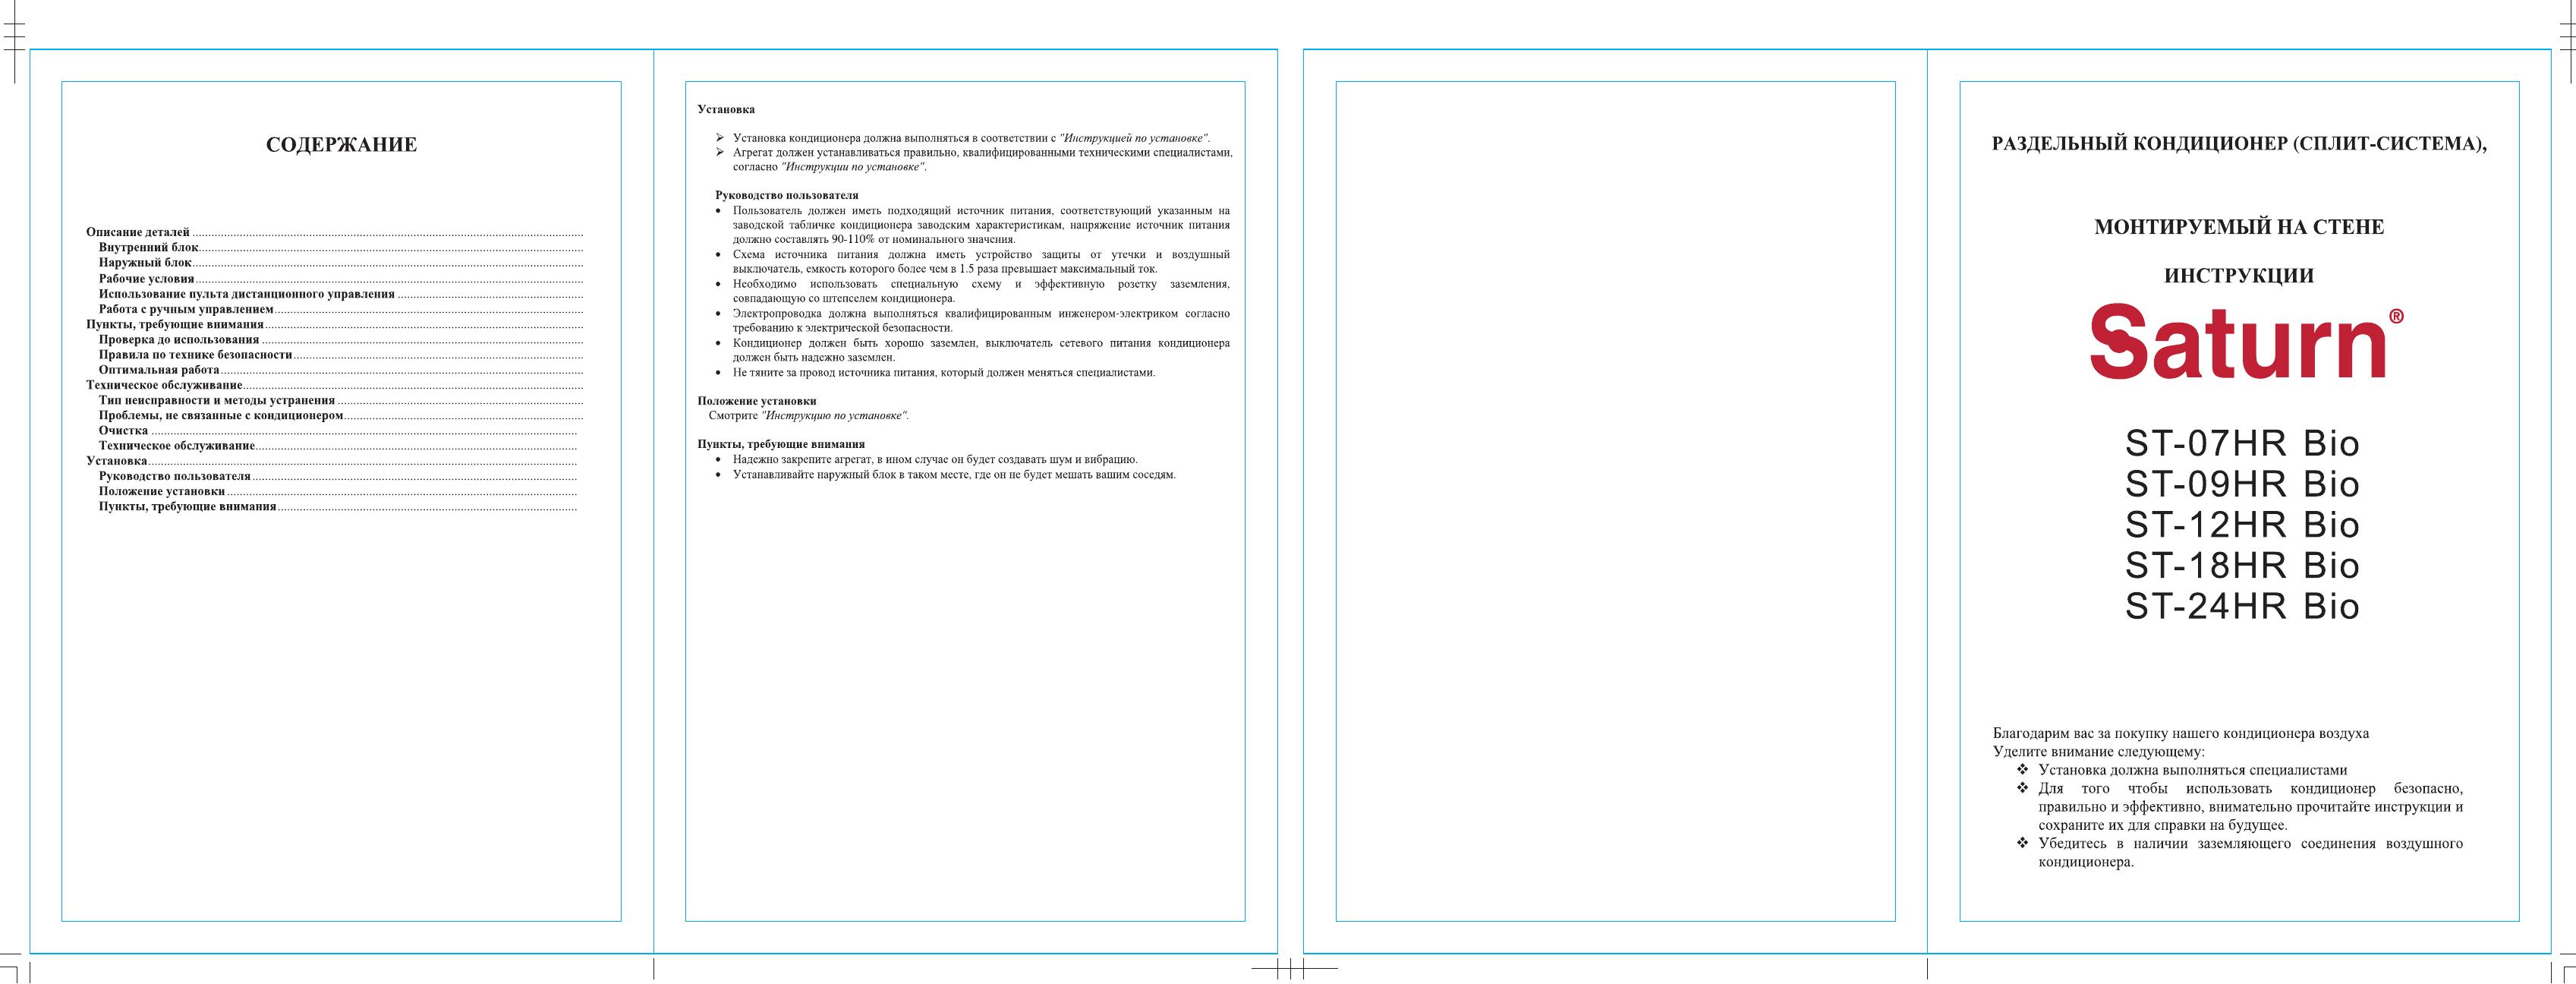 Инструкции к правилам пользования автовидеорегистратора цифровые видеорегистраторы для квартиры